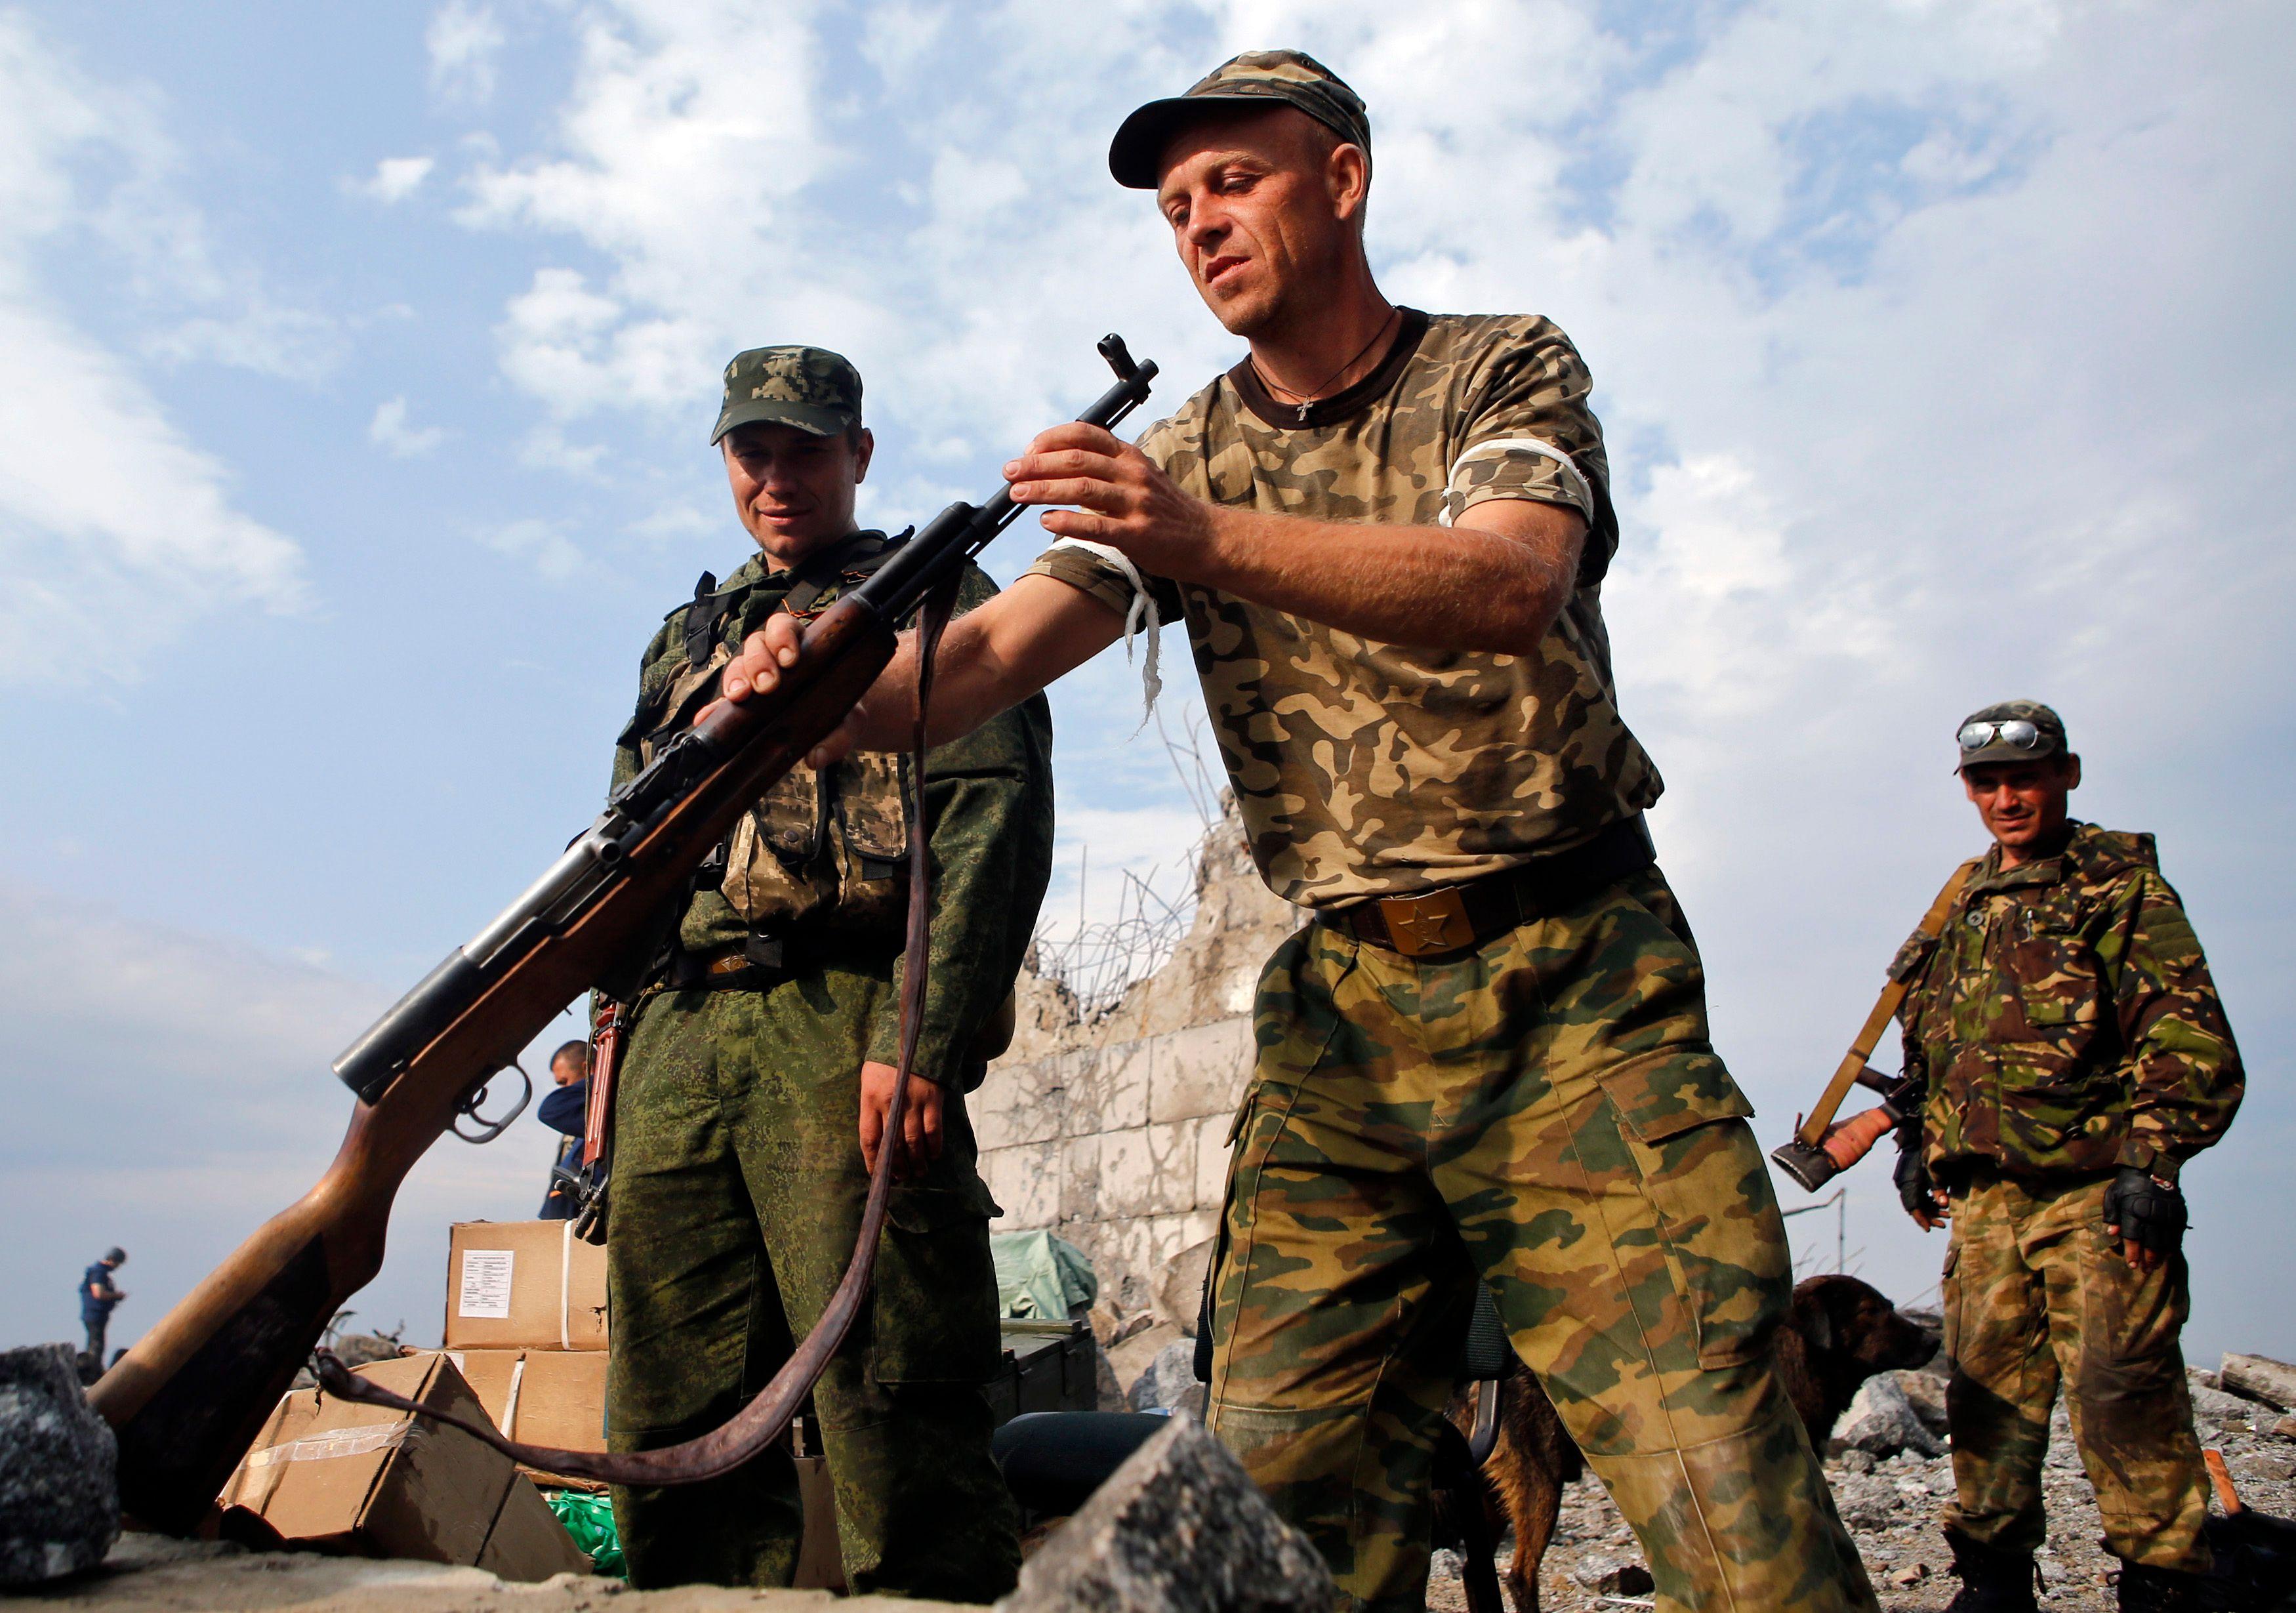 La capture de parachutistes russes en territoire ukrainien a marqué un tournant dans le conflit.